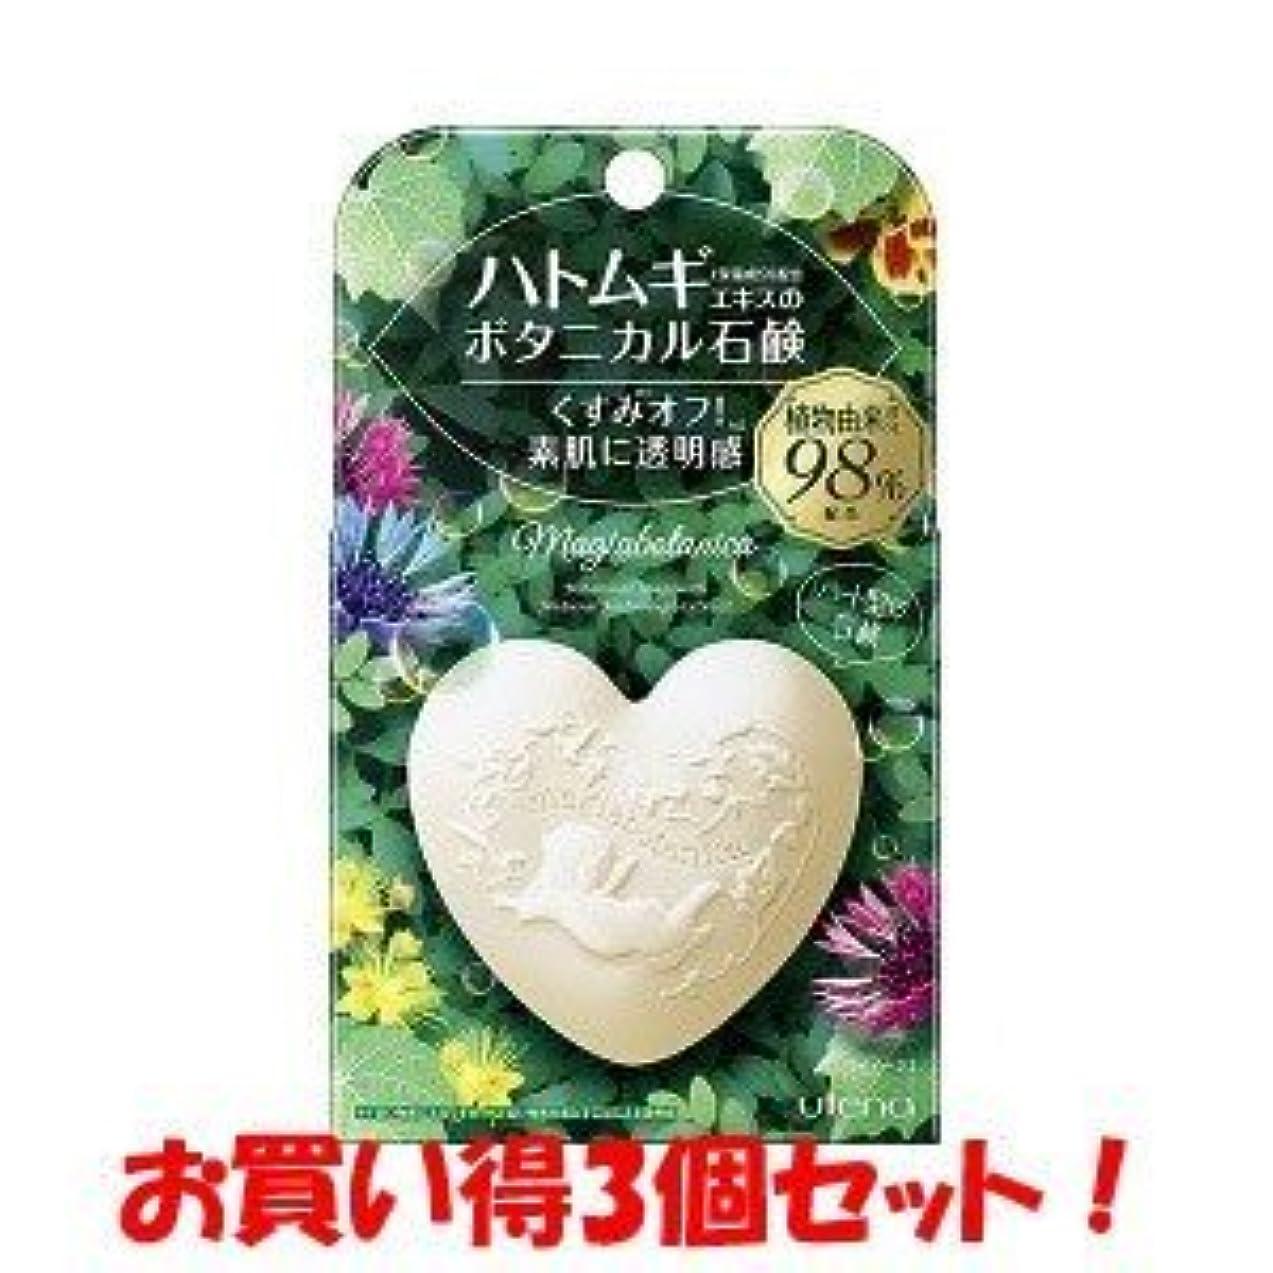 コカインパッチ人質(ウテナ)マジアボタニカ ボタニカル石鹸 100g(お買い得3個セット)